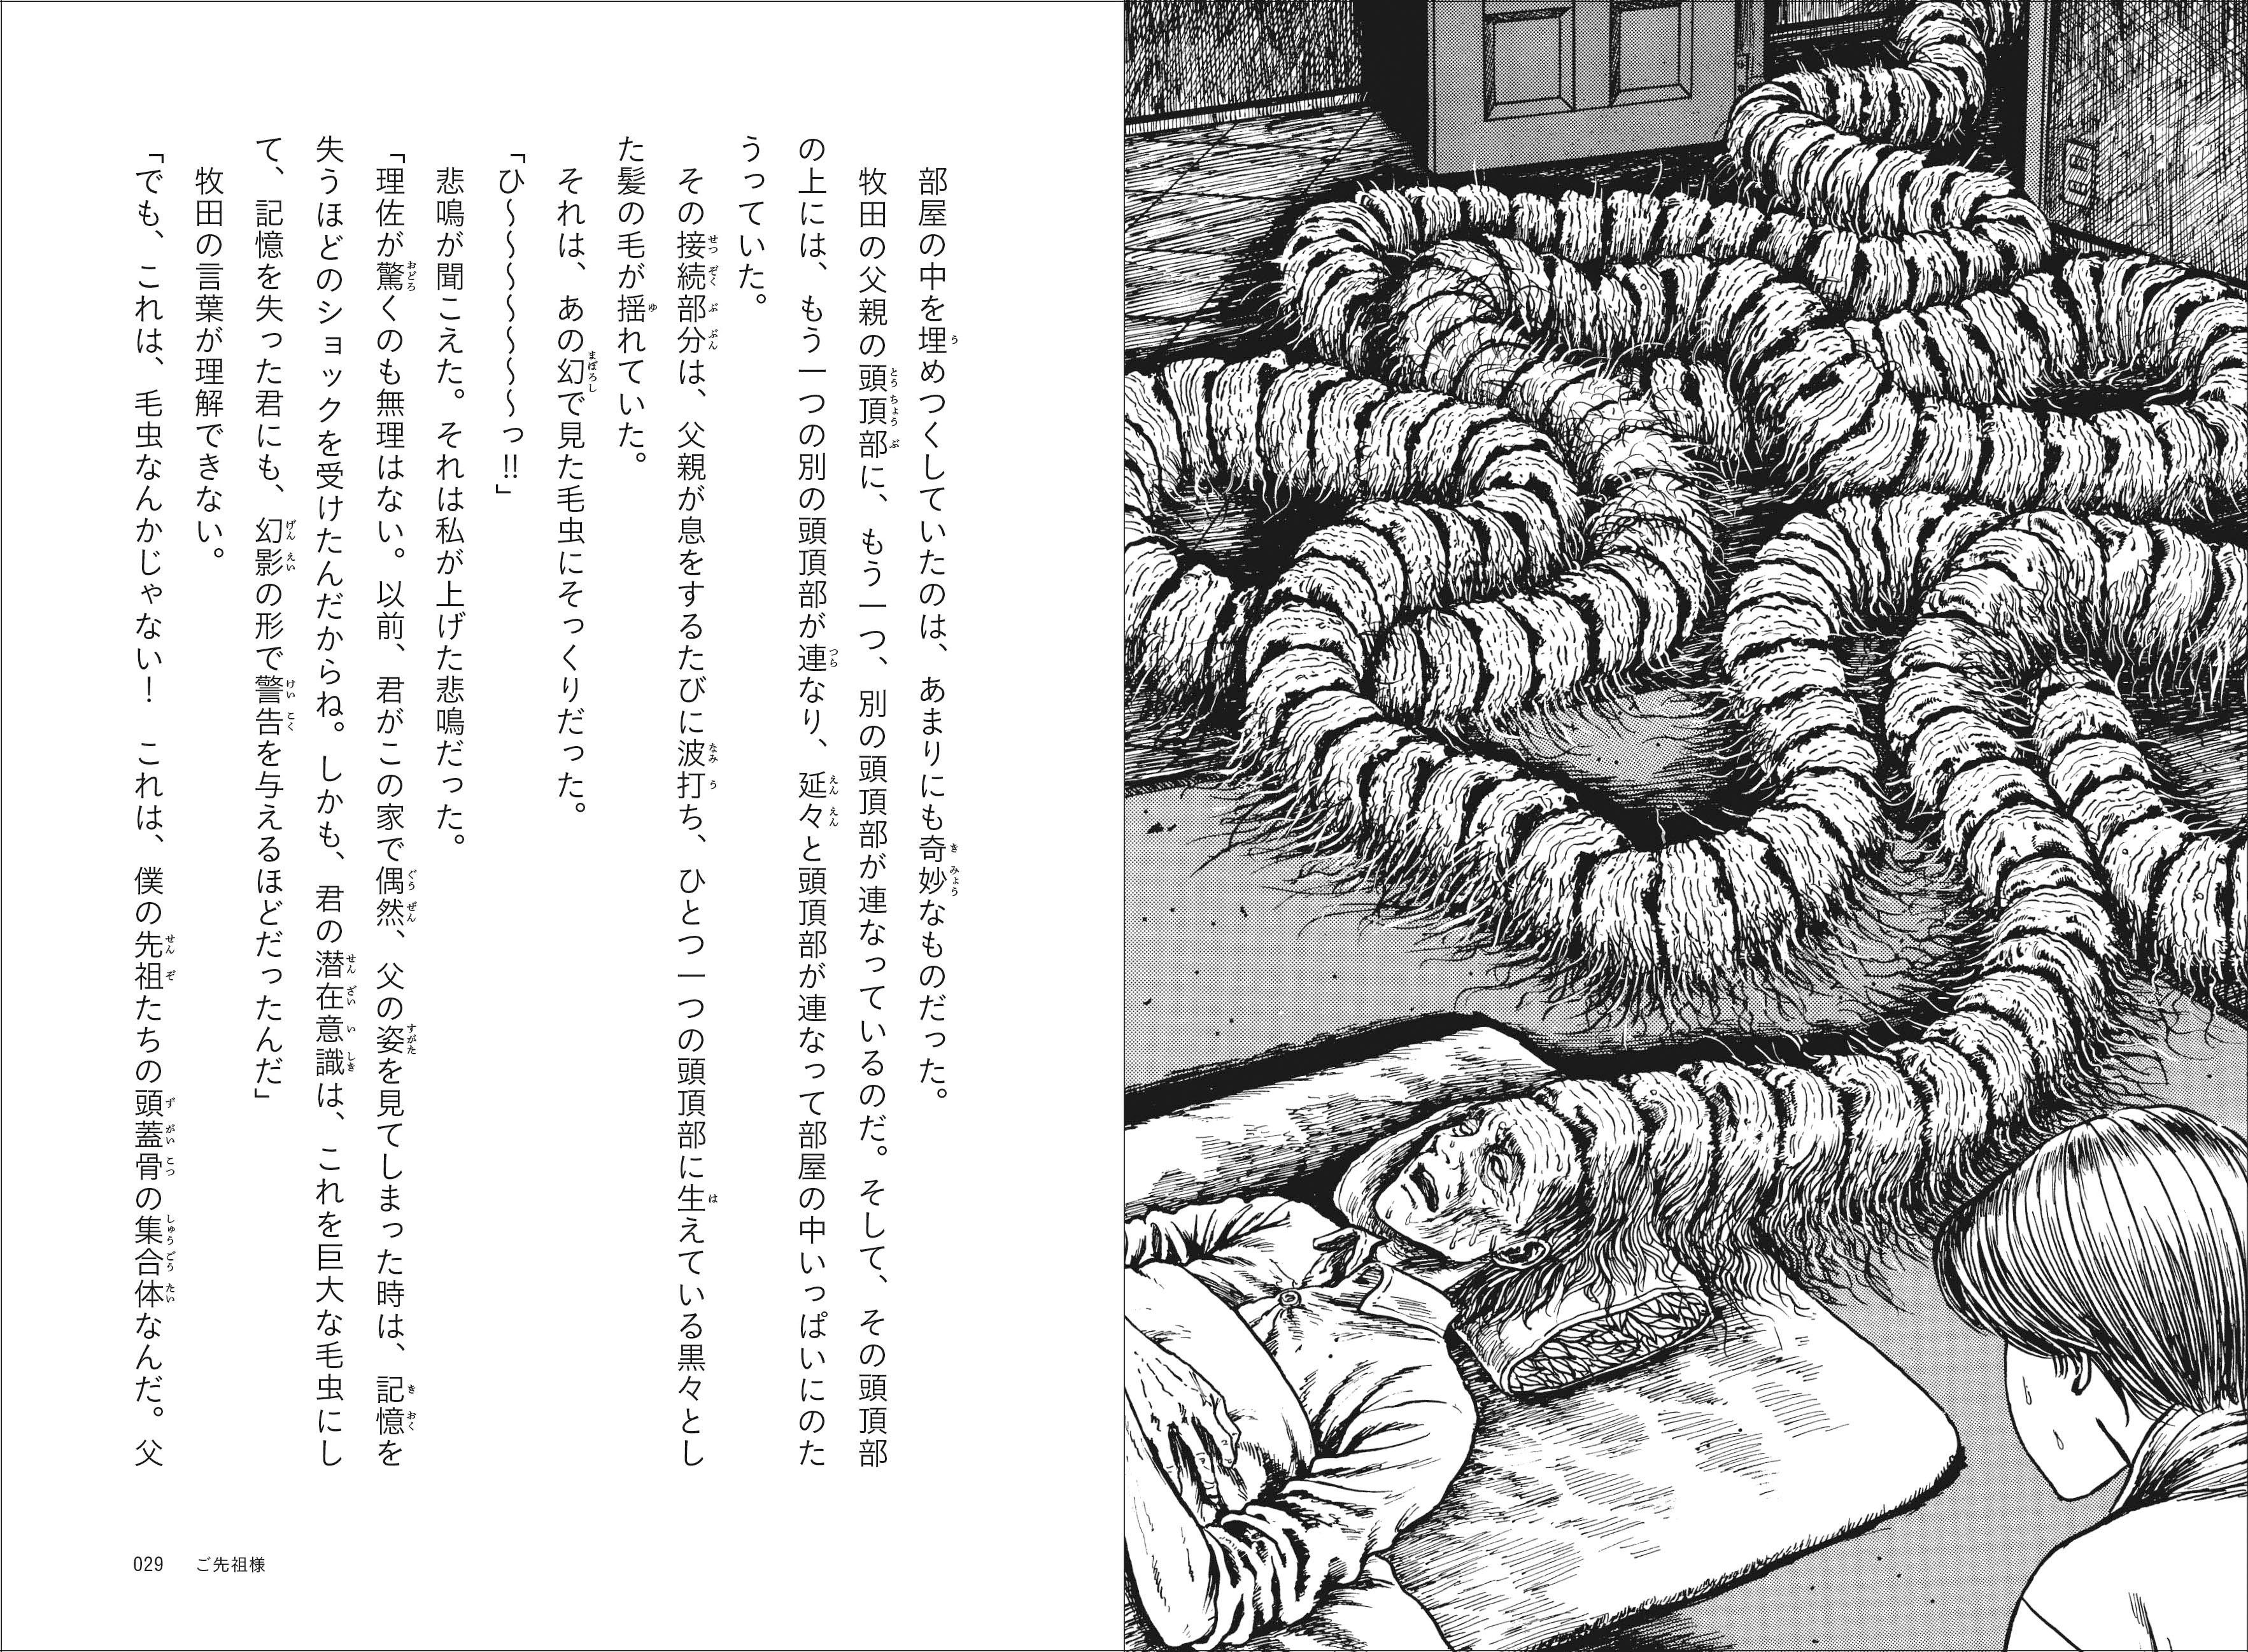 『何かが奇妙な物語 緩やかな別れ』「ご先祖様」より紙面